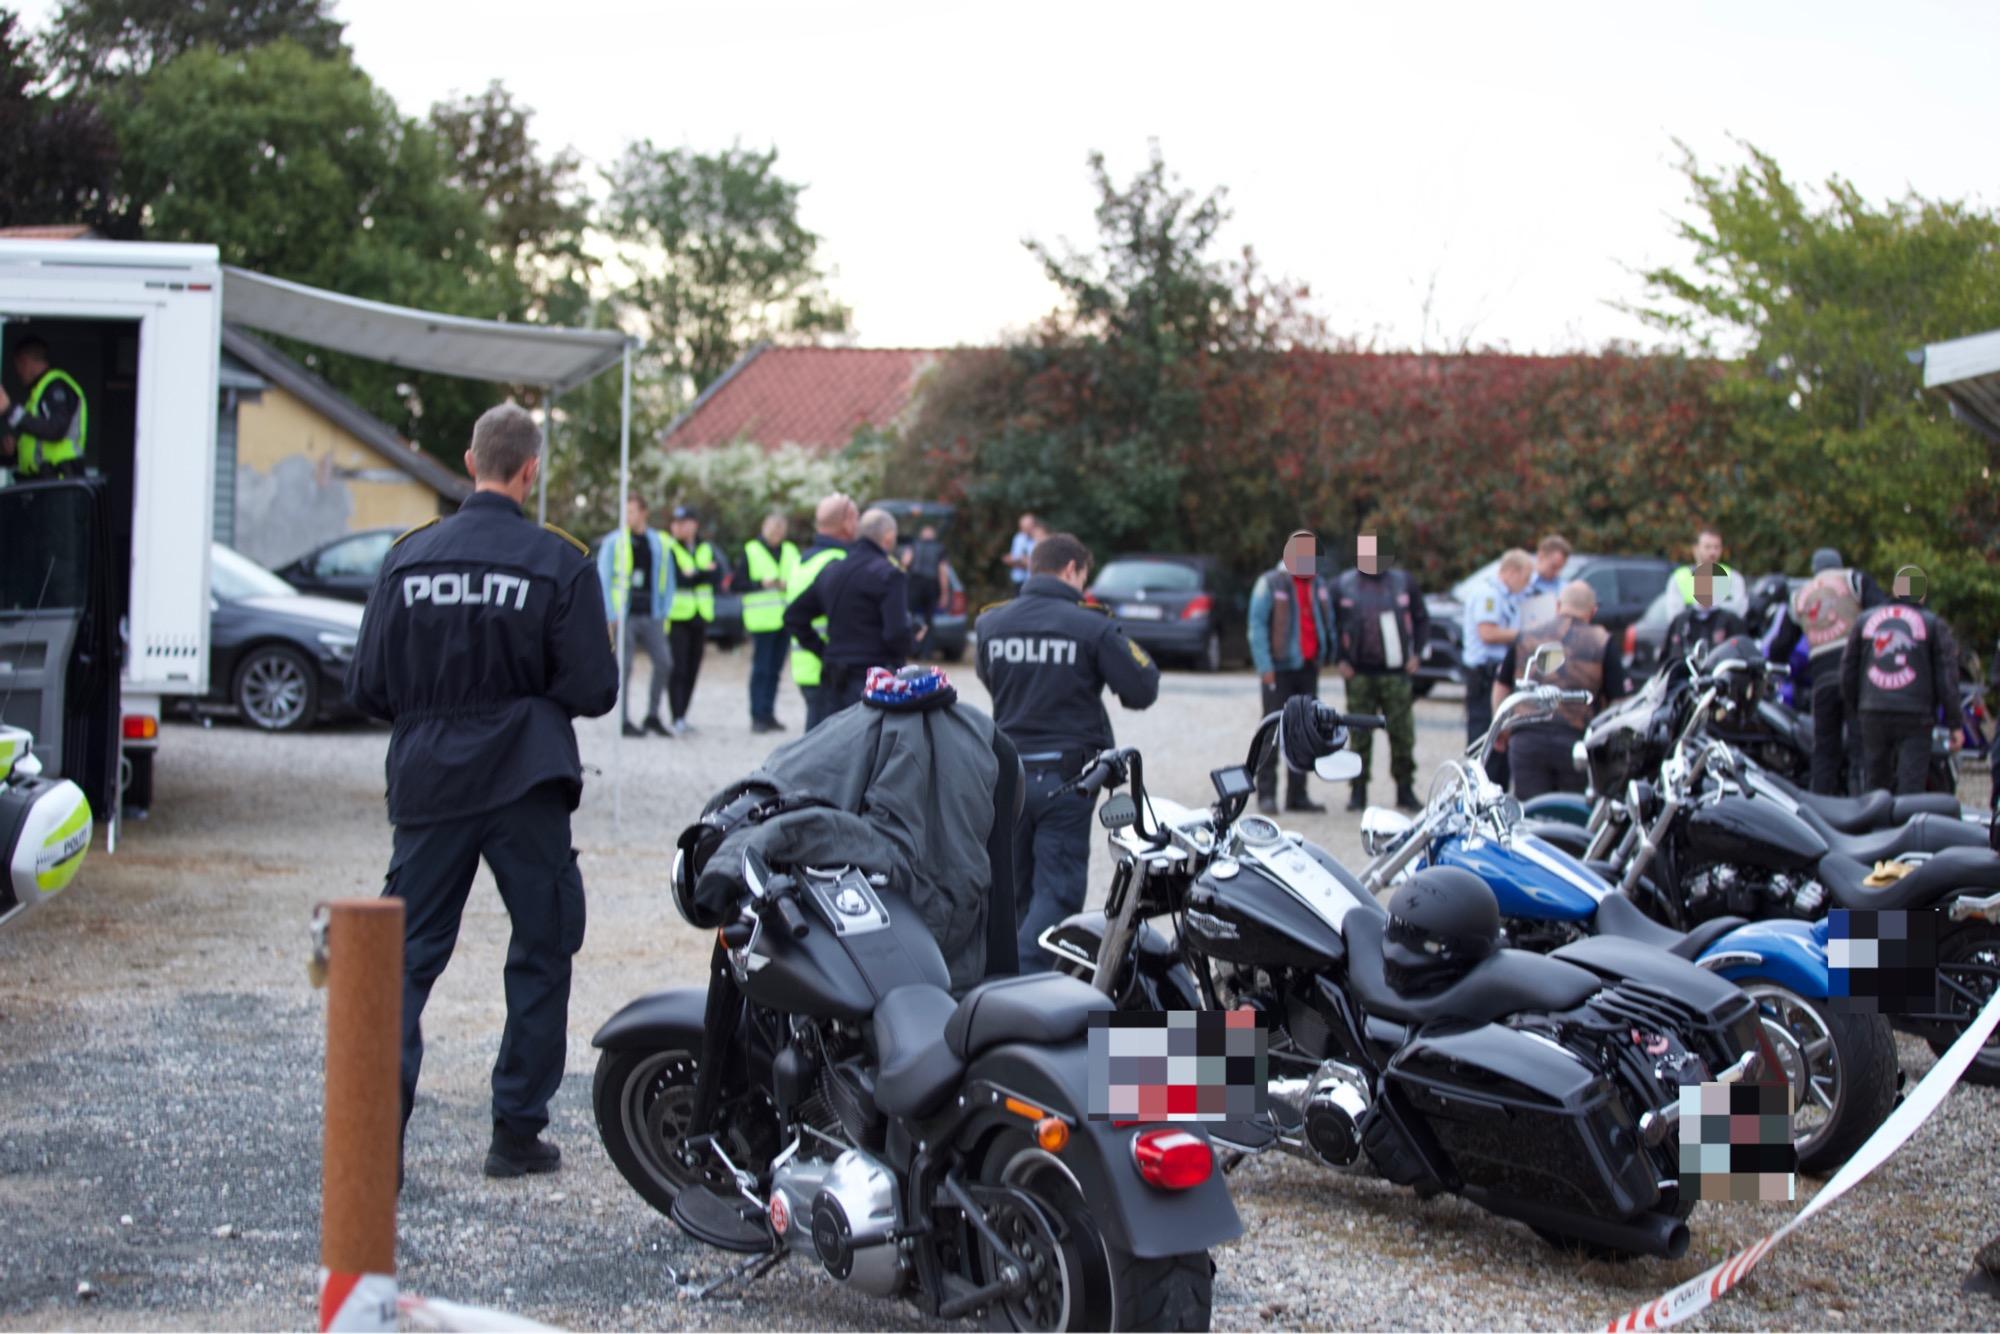 Politiet talstærkt til stede, da motorcykelklub afholdt fest